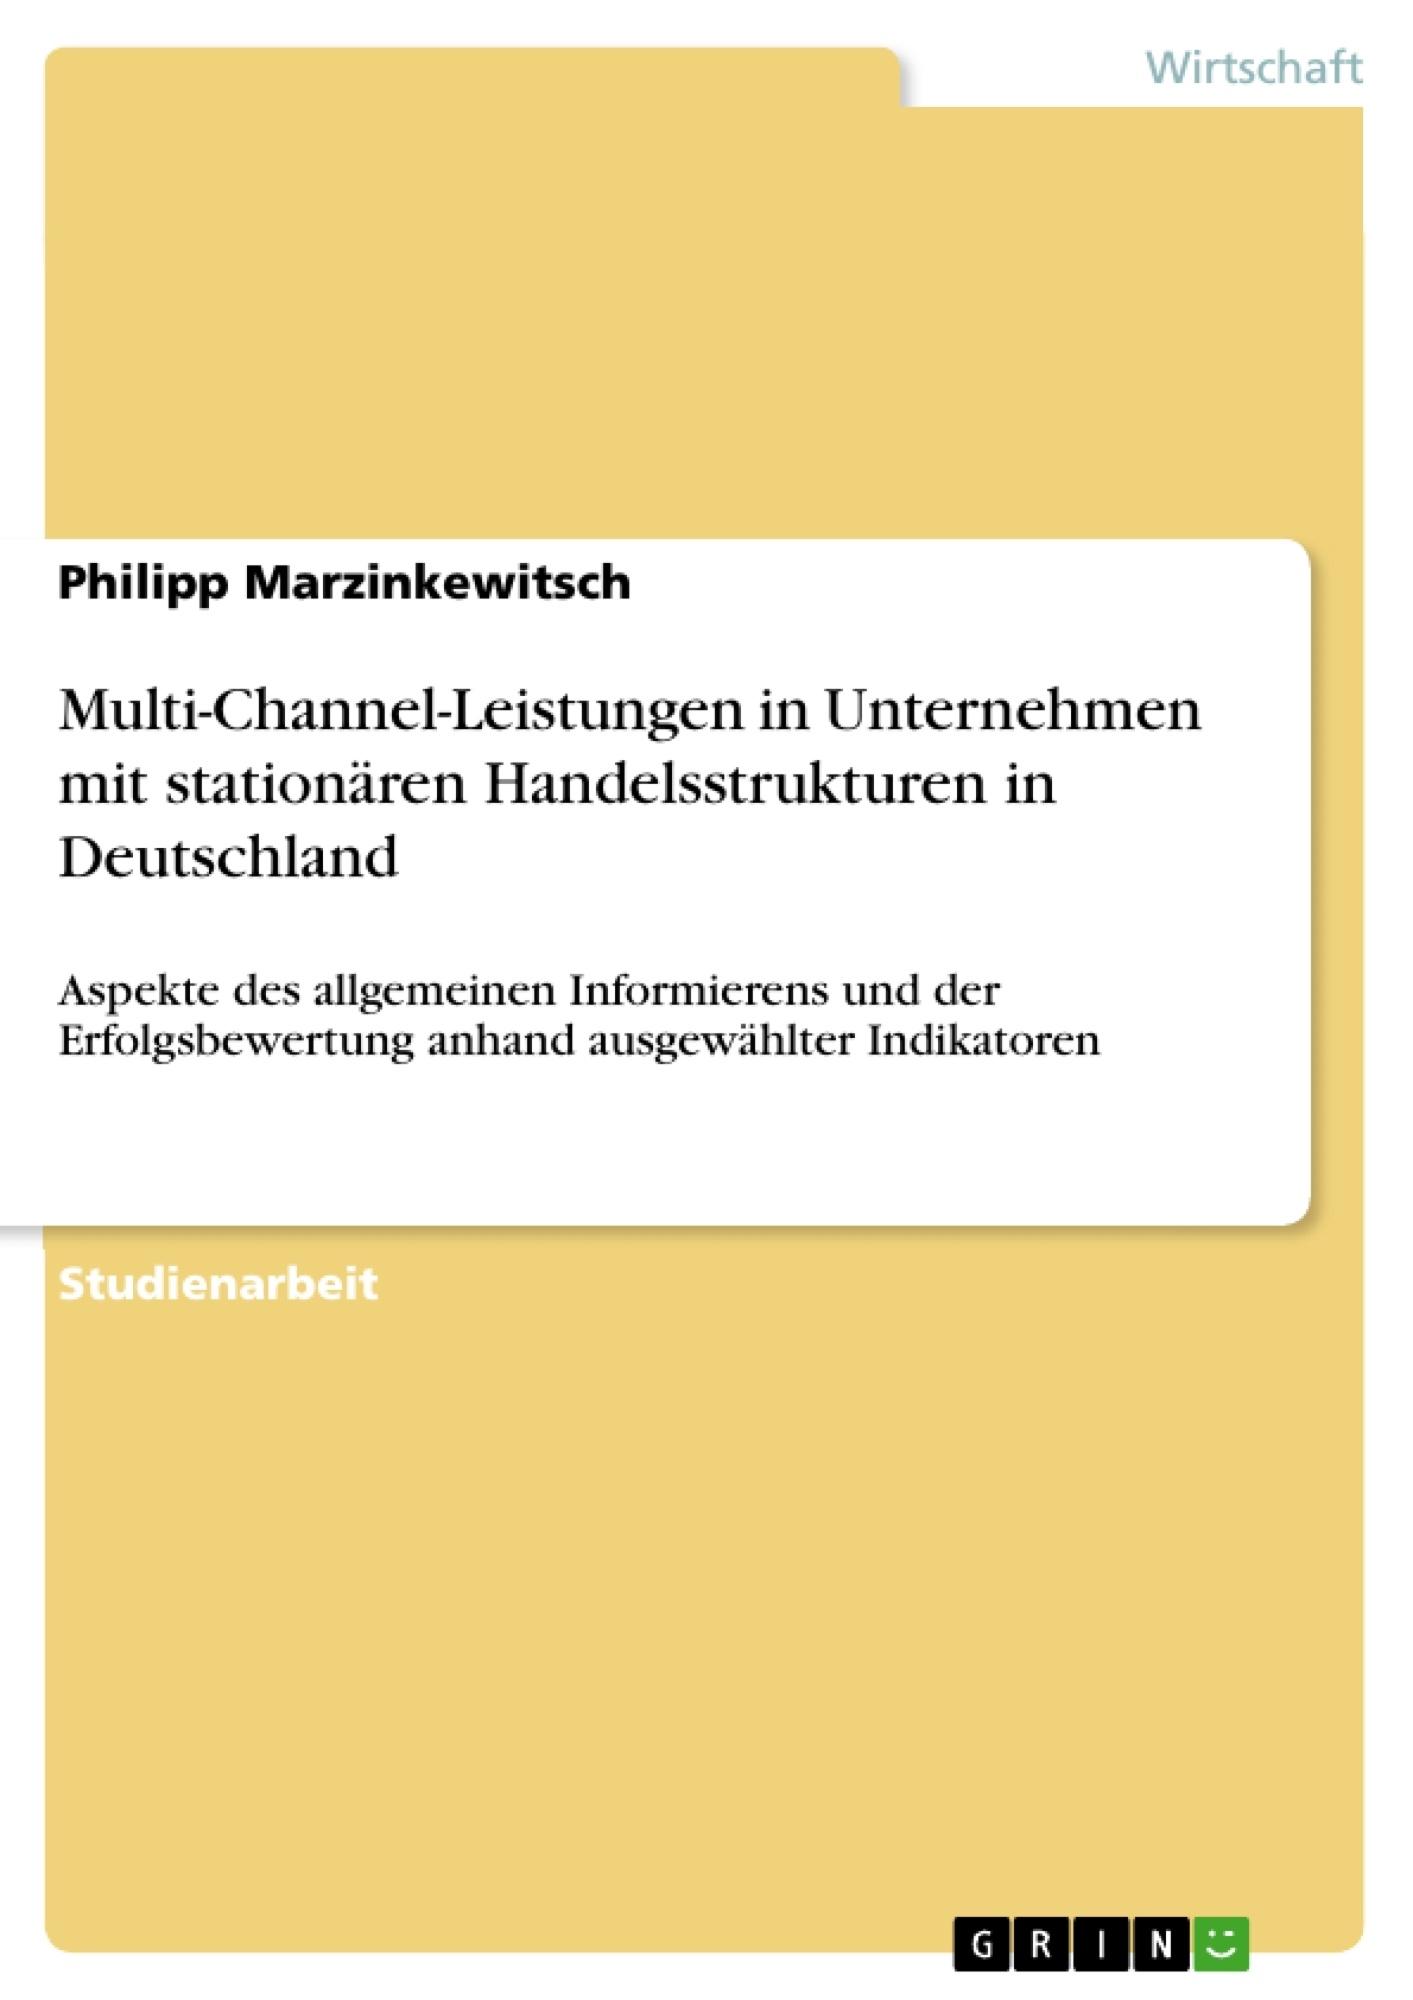 Titel: Multi-Channel-Leistungen in Unternehmen mit stationären Handelsstrukturen in Deutschland